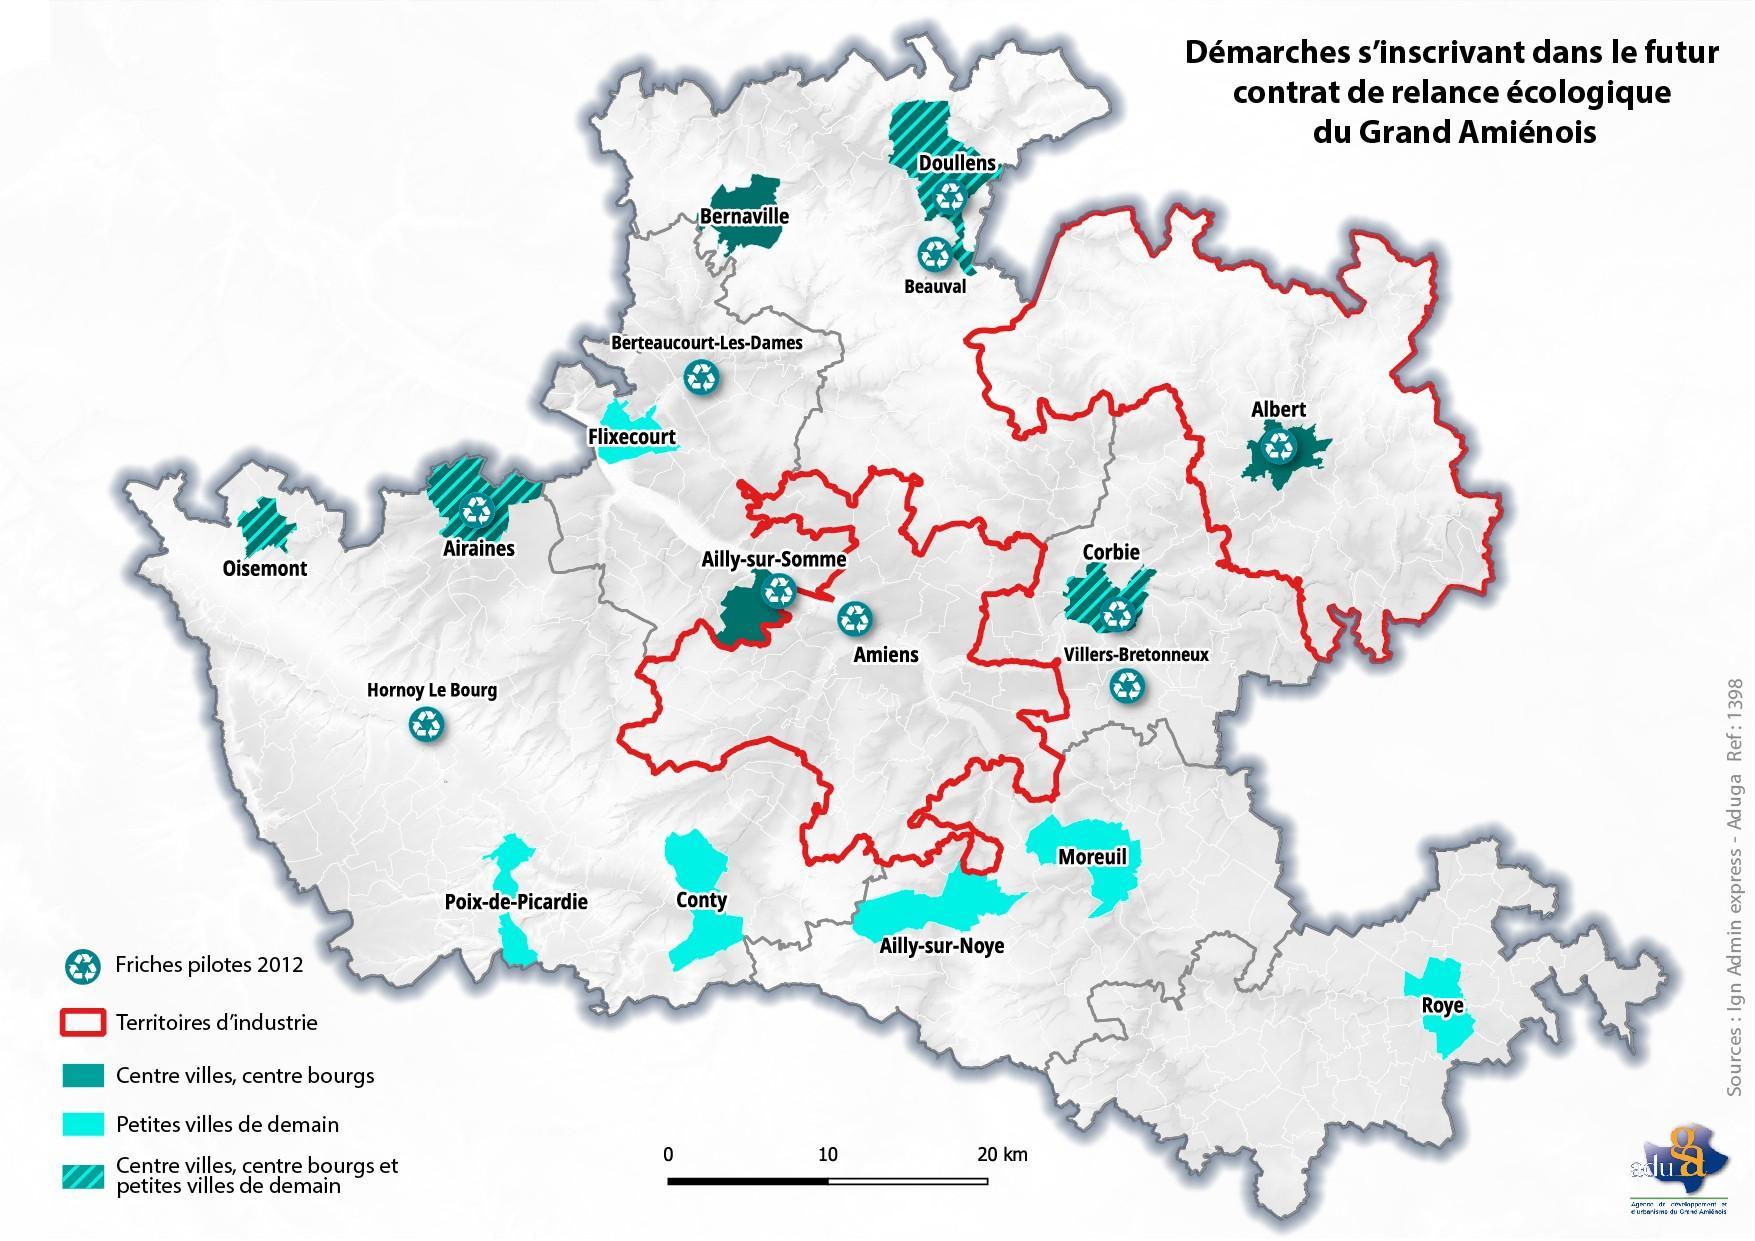 La carte du mois. Démarches s'inscrivant dans le futur contrat de relance écologique du Grand Amiénois